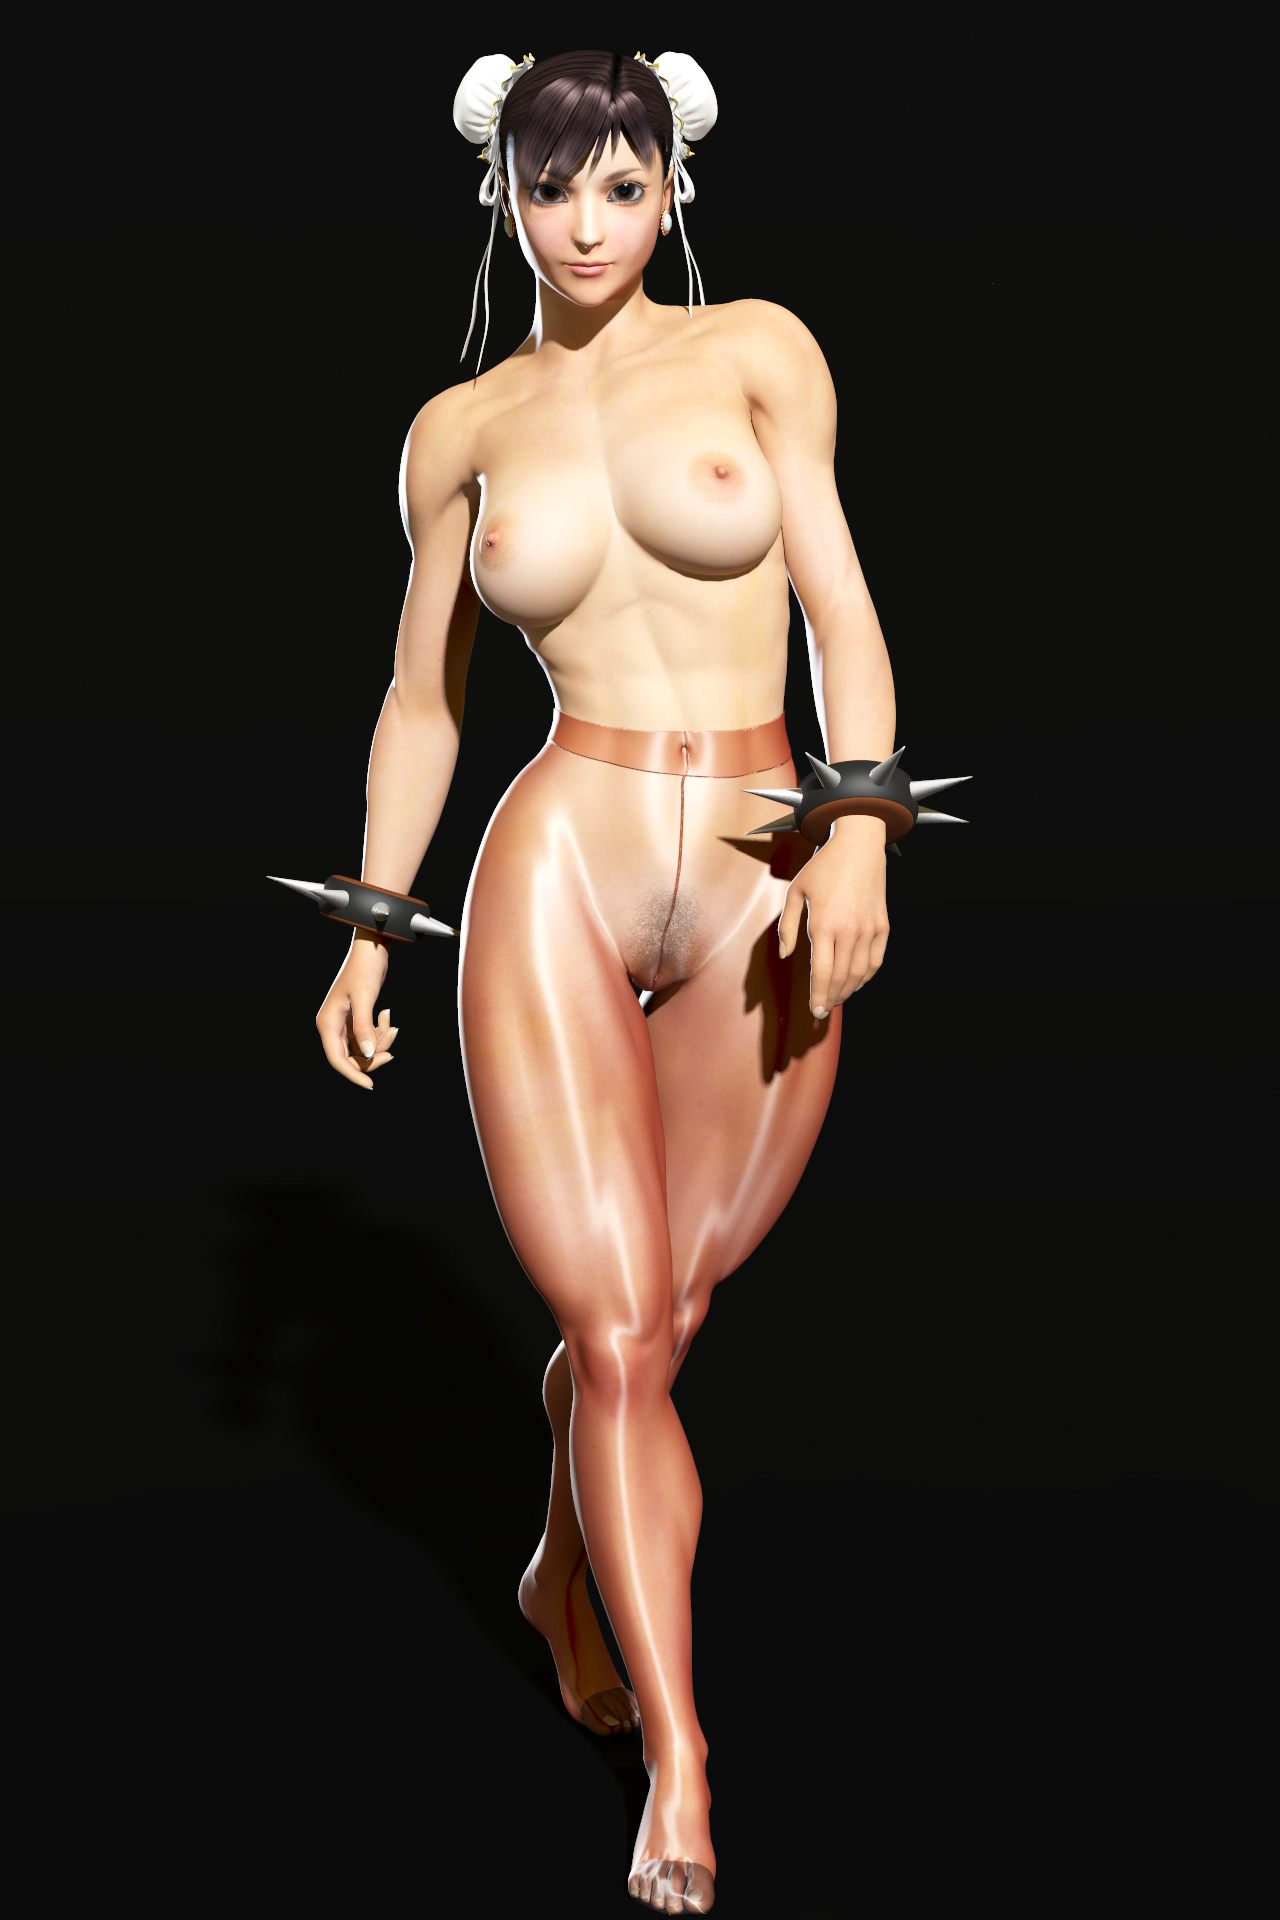 Naked Street Fighter Chun Li#3